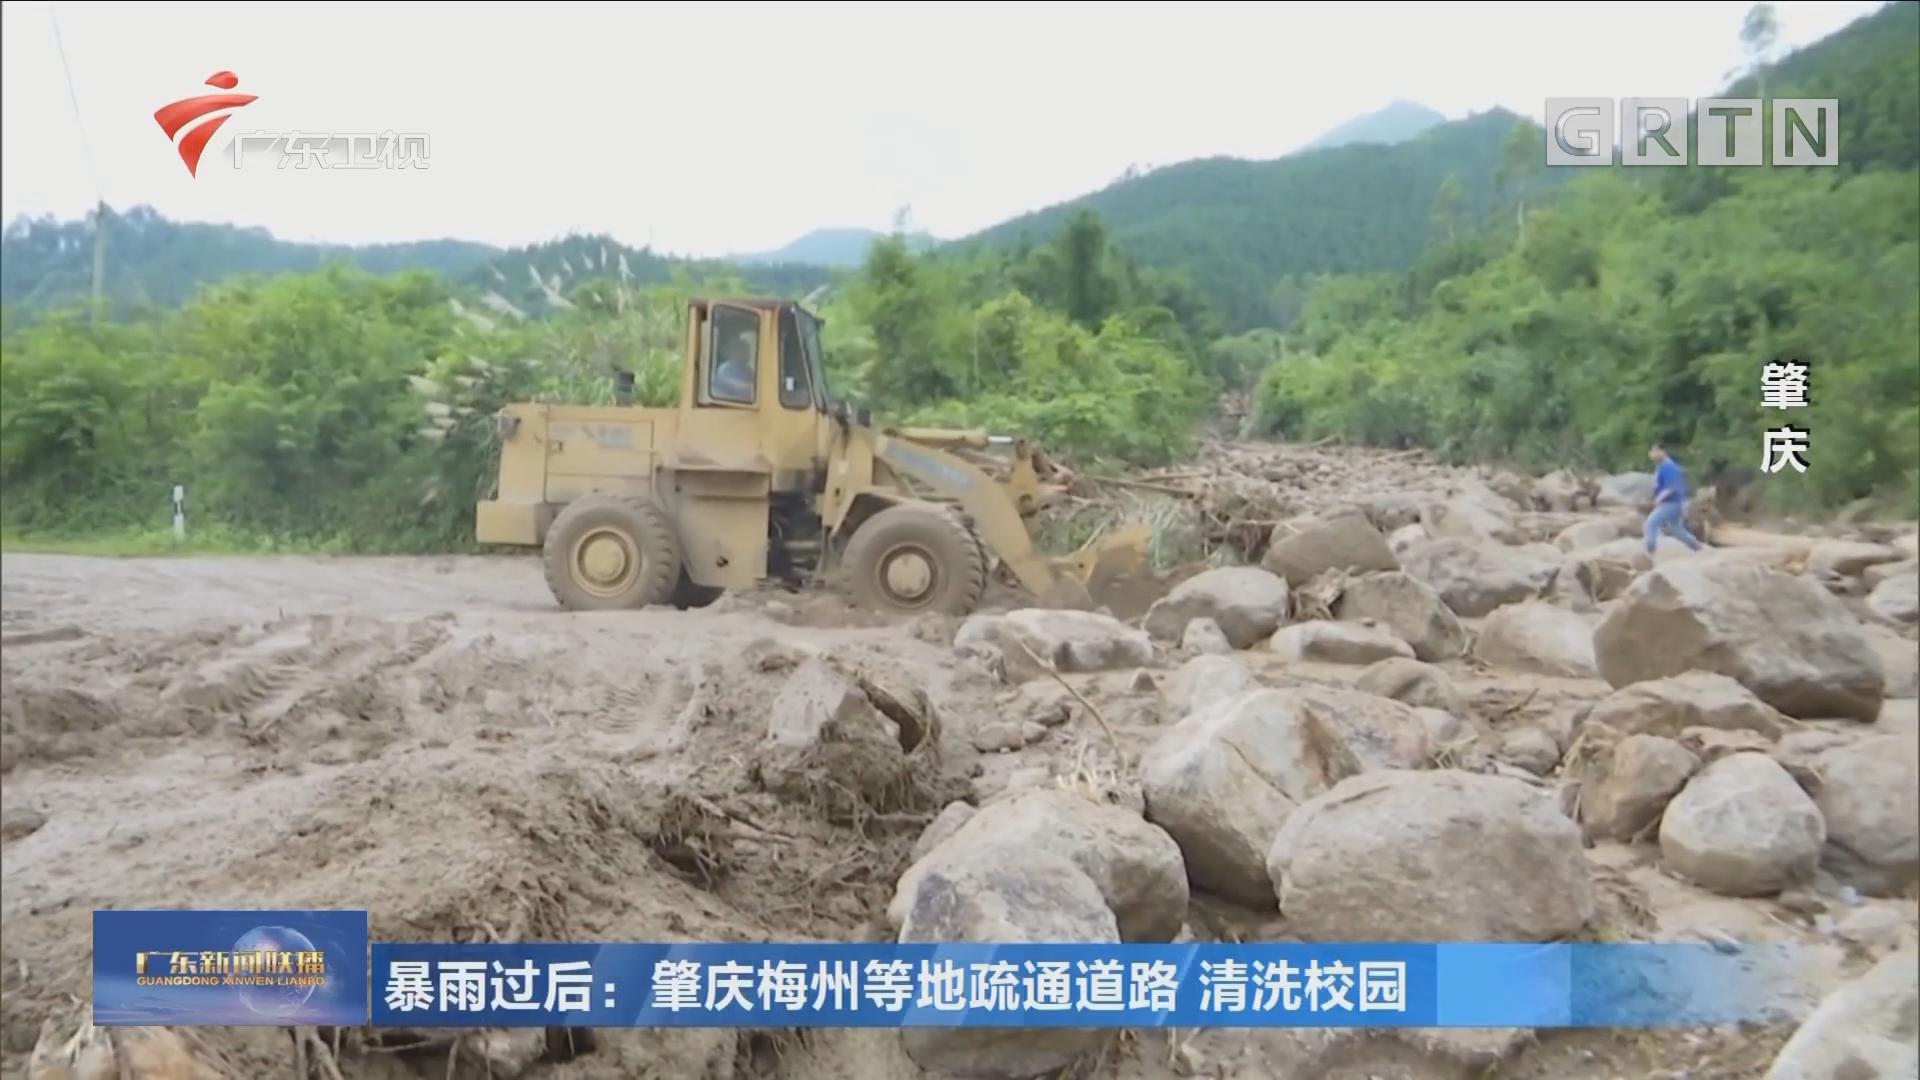 暴雨过后:肇庆梅州等地疏通道路 清洗校园